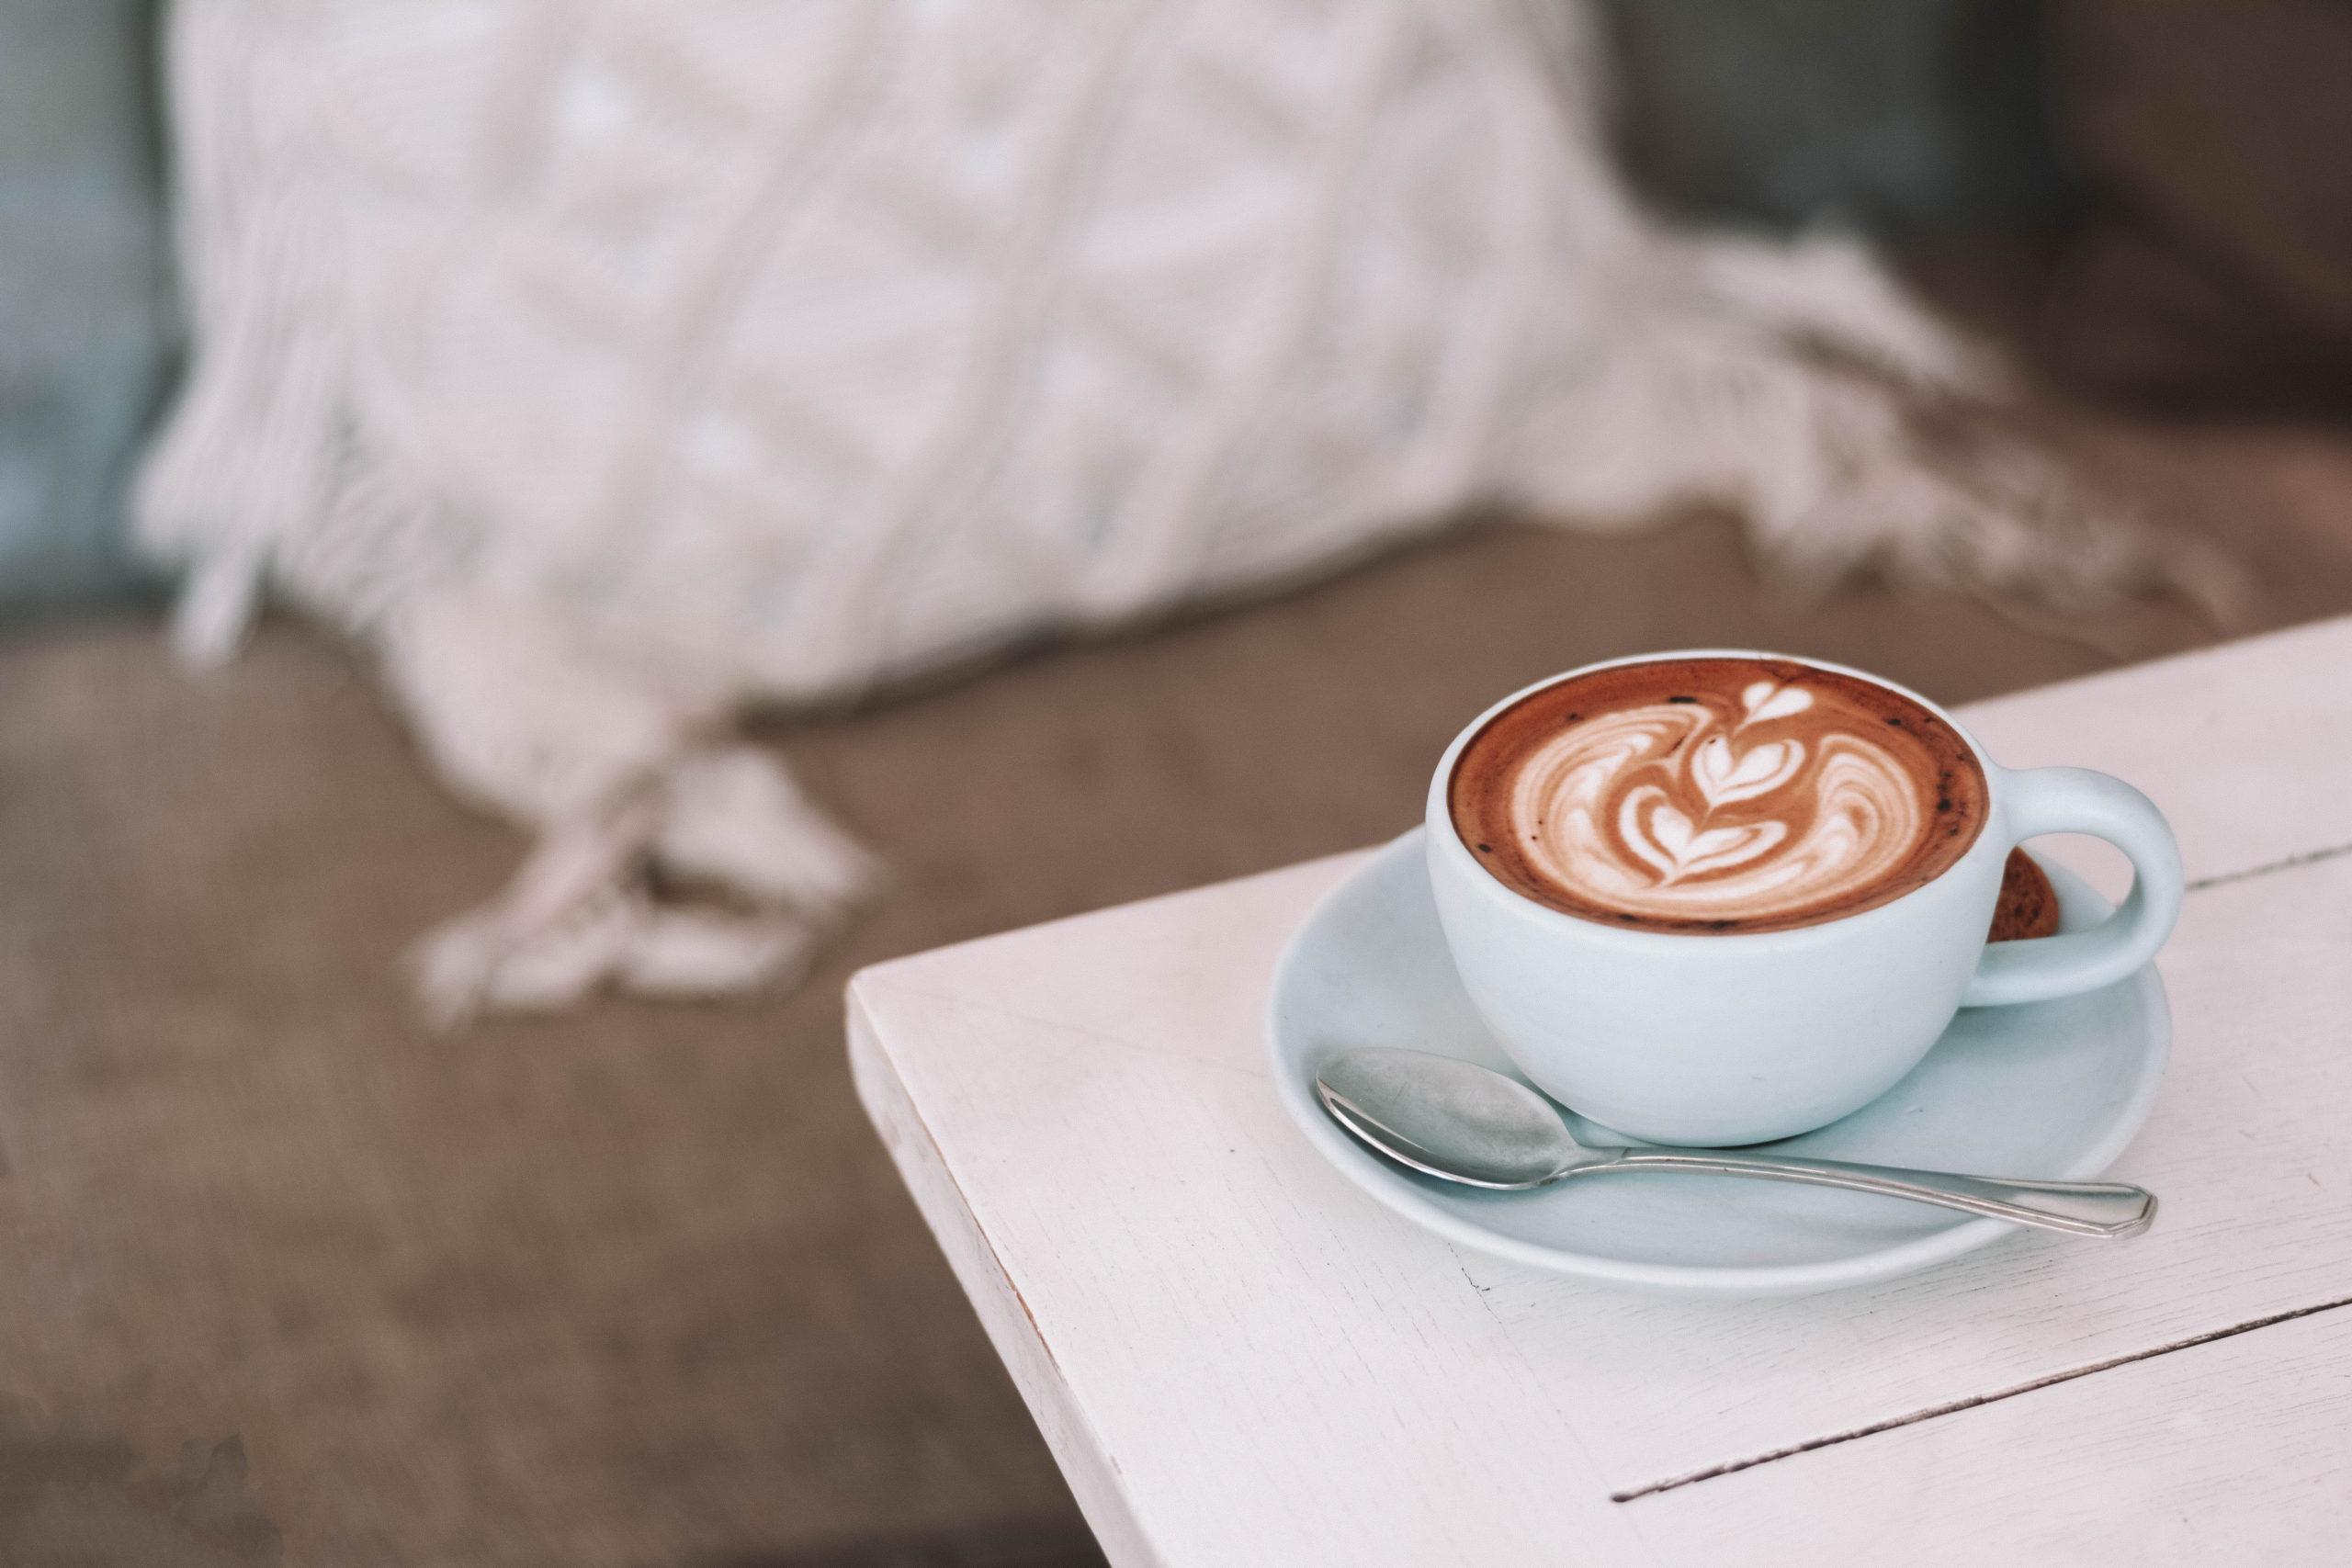 Veľký pohľad na spotrebu kávy vo svete a na Slovensku